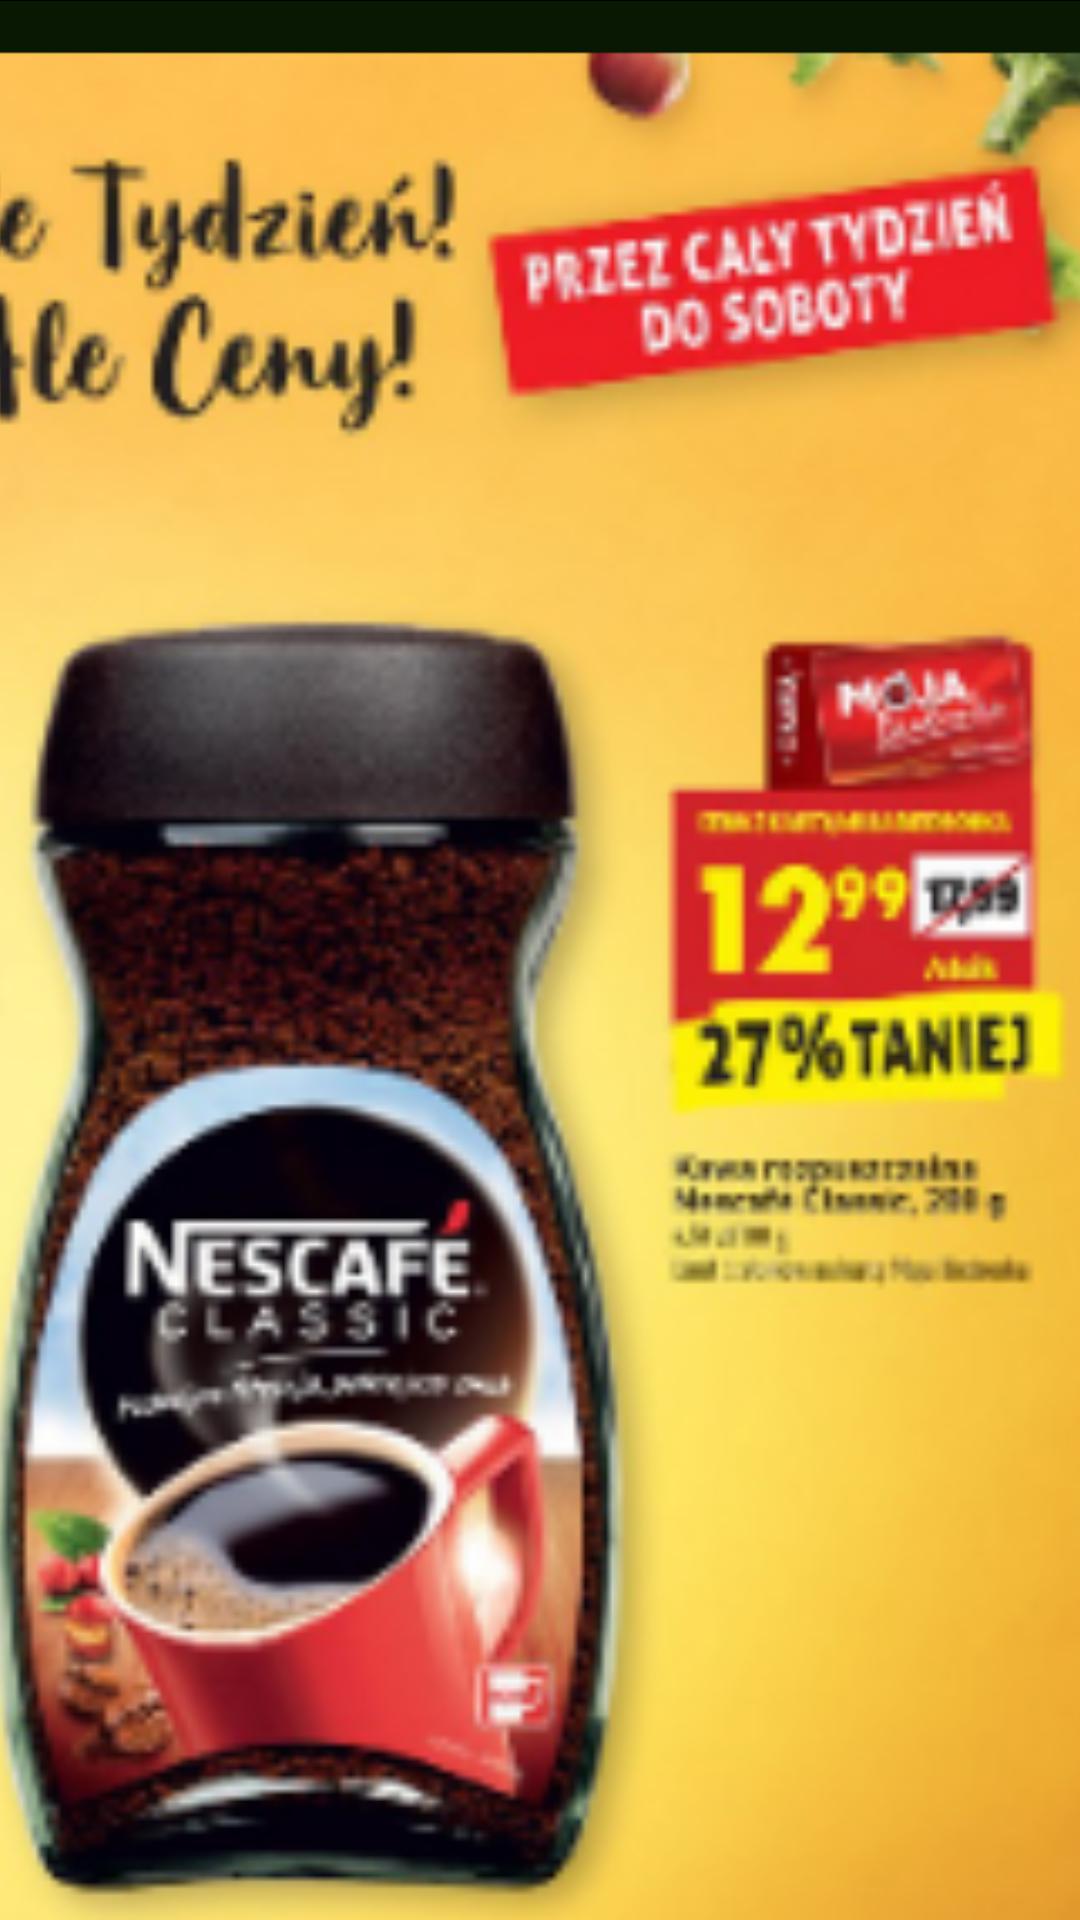 Kawa rozpuszczalna Nescafe classic - Biedronka